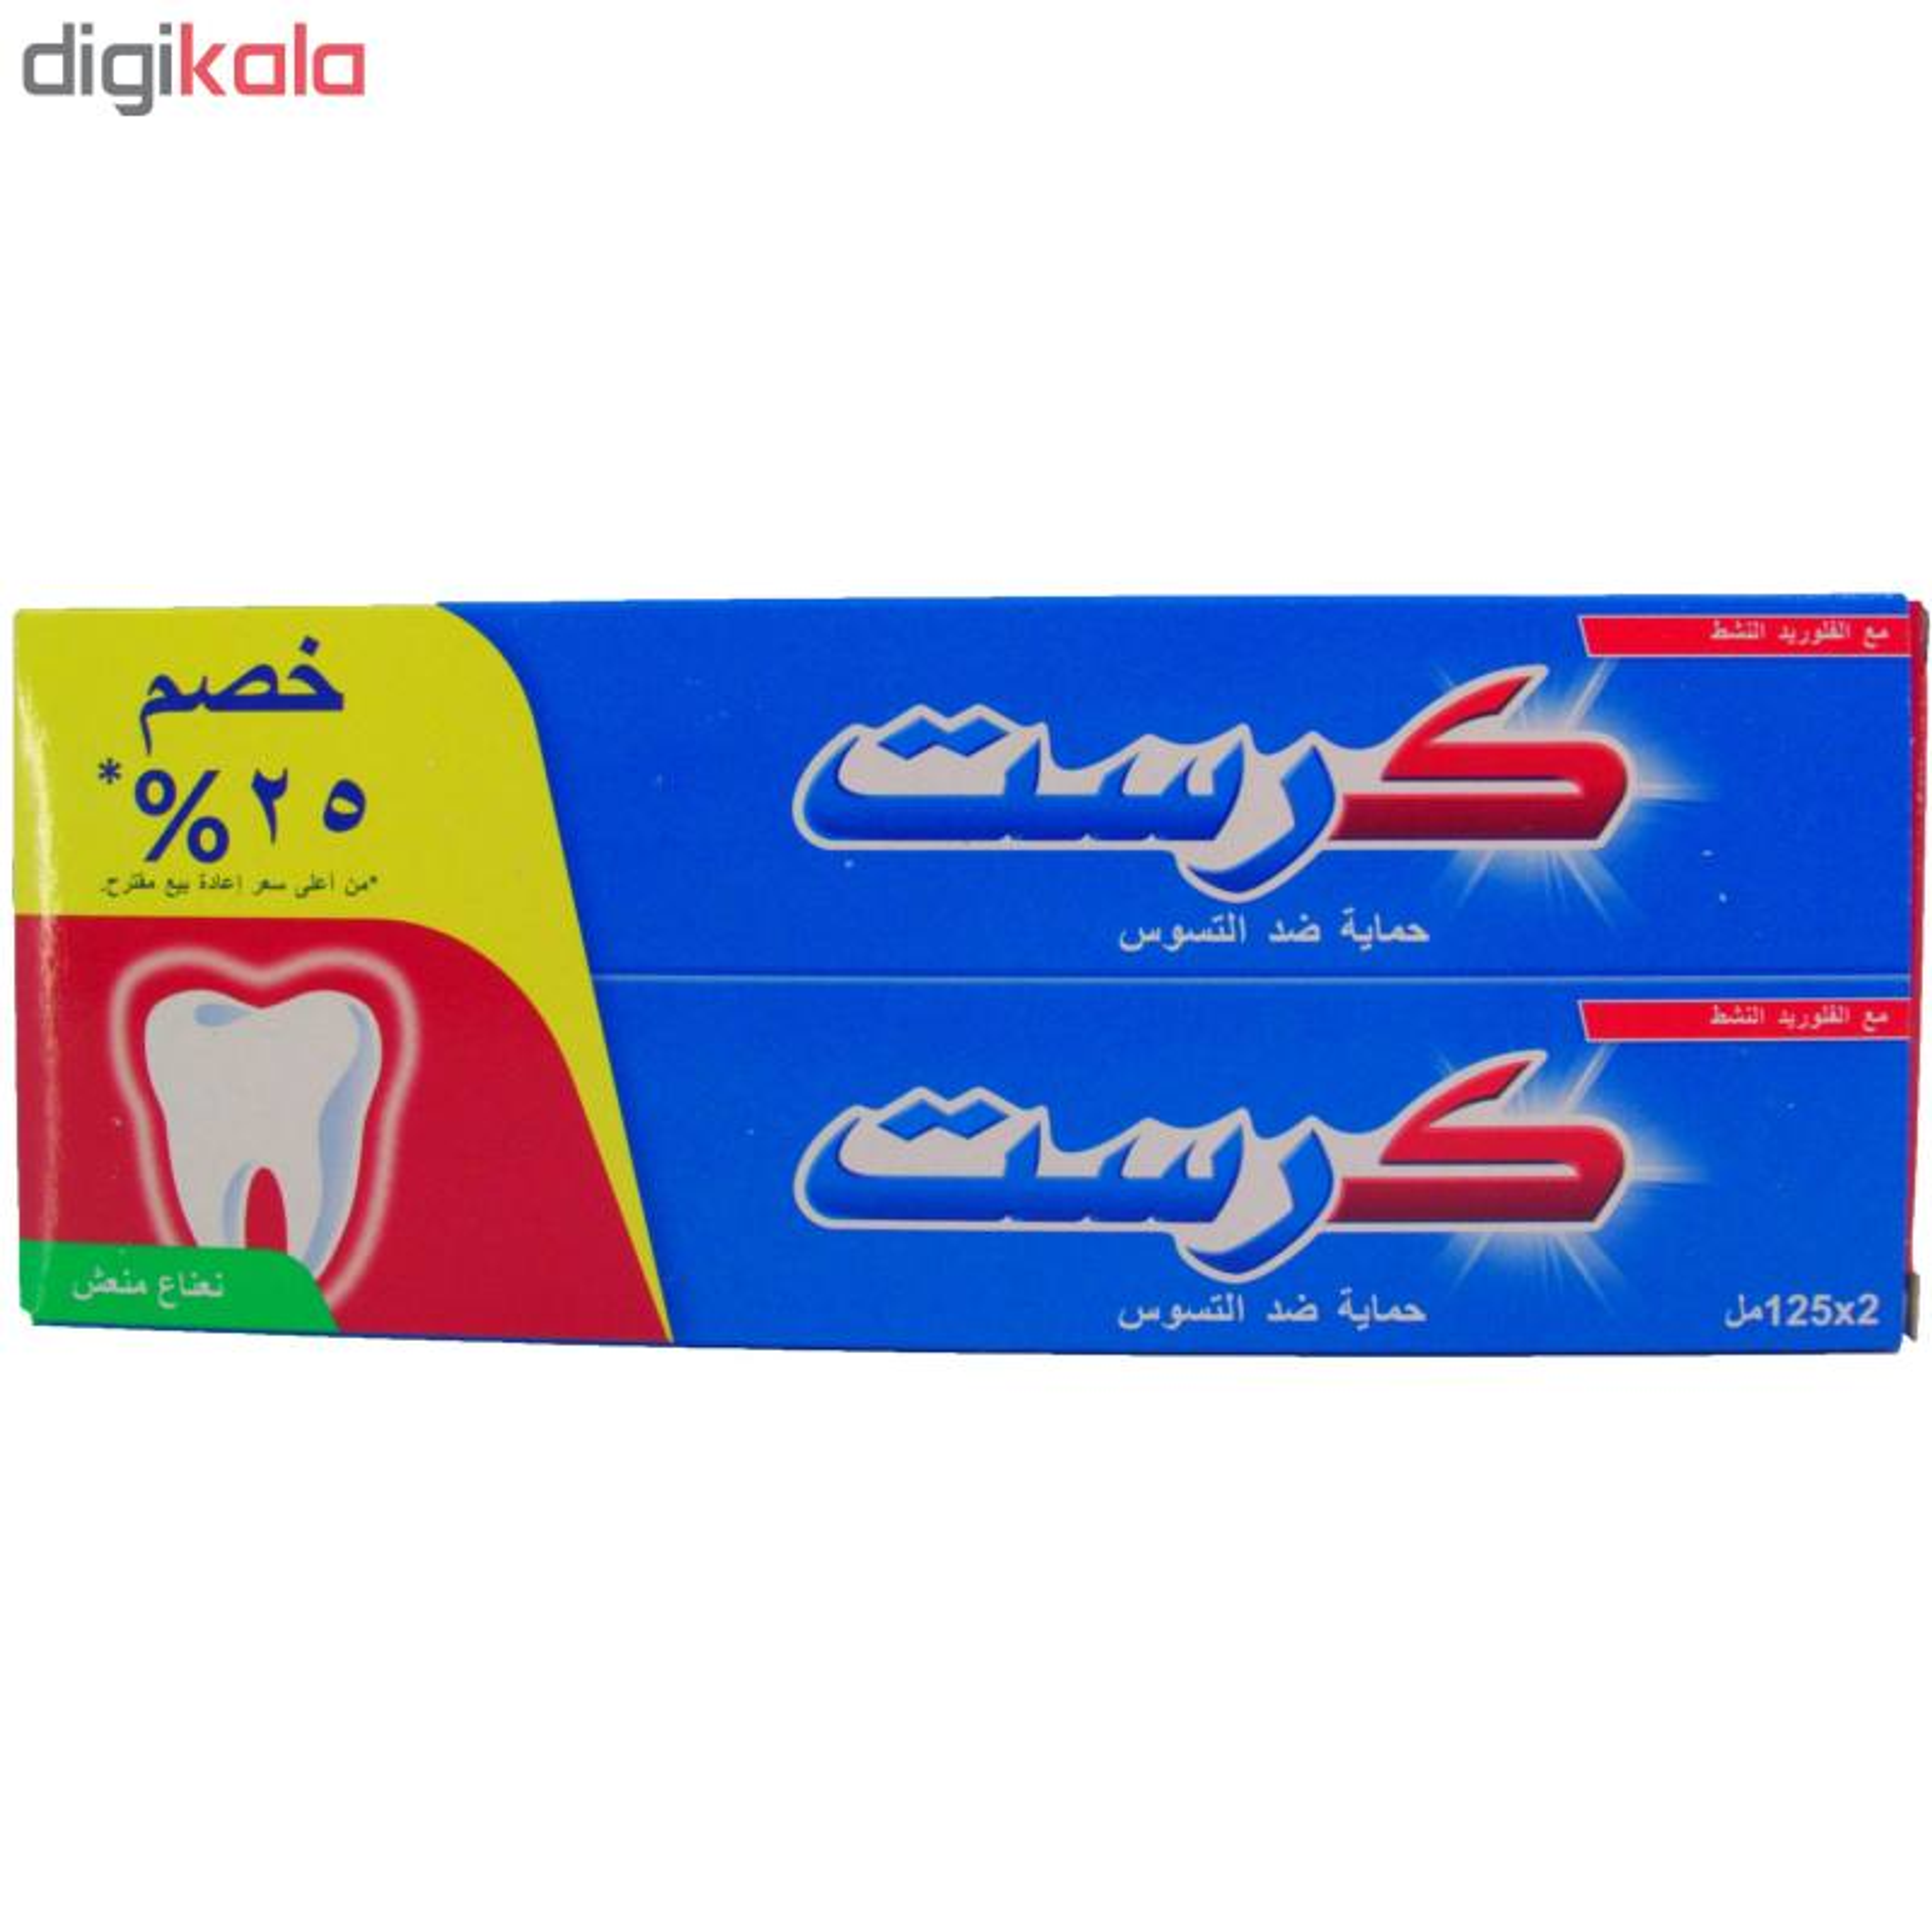 خمیر دندان کرست مدل CAVITY حجم 250 میلی لیتر بسته 2 عددی